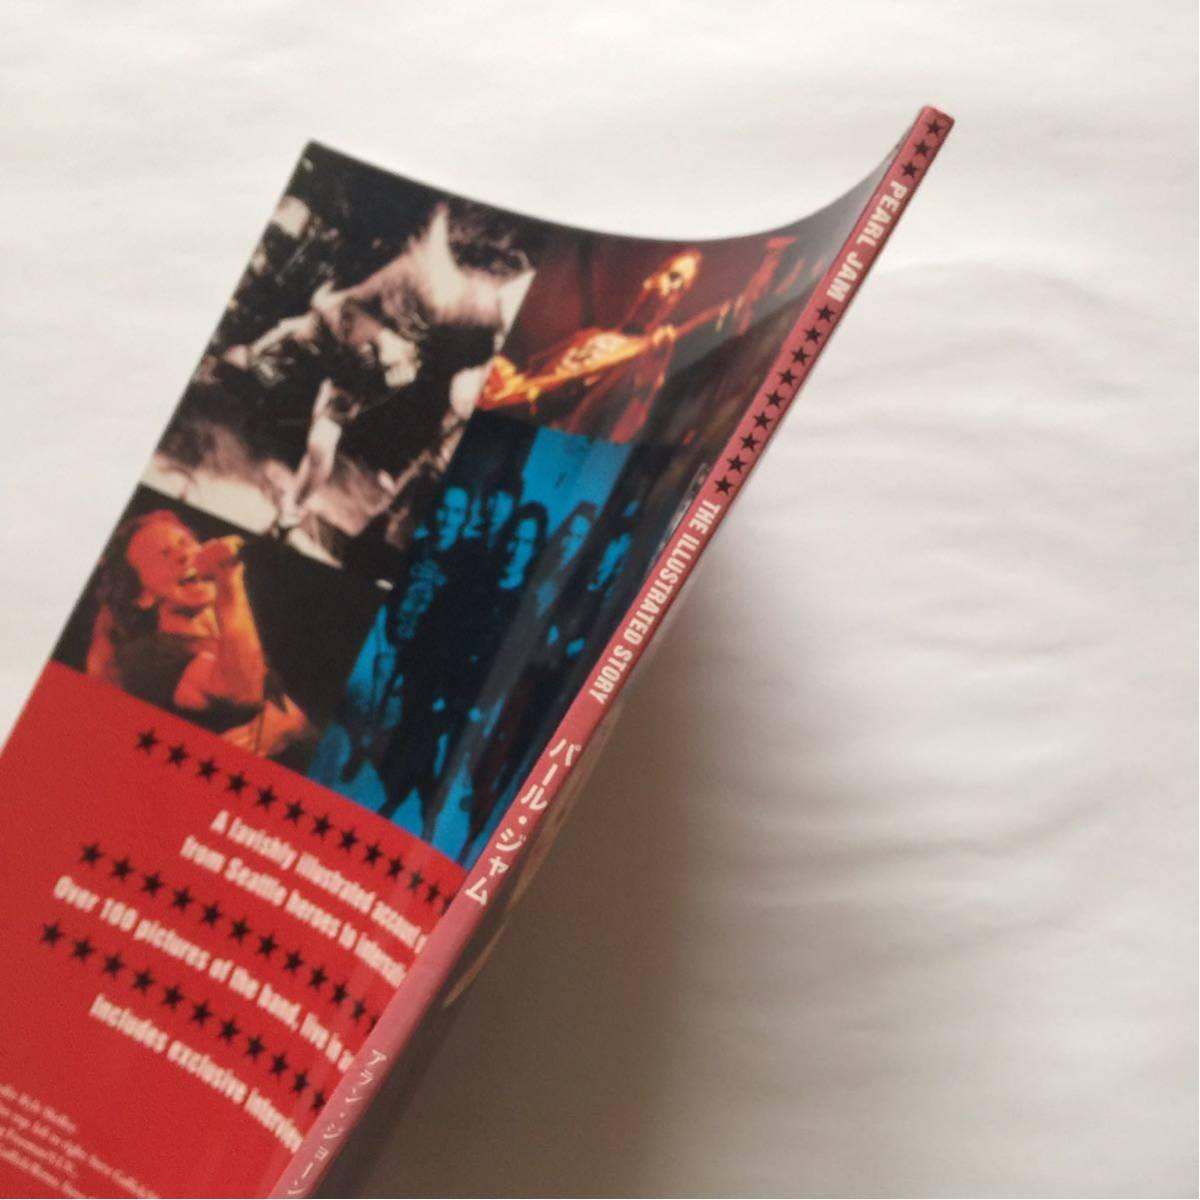 【絶版・貴重・初版】Pearl Jam/ パールジャム The Illustrated Story/シアトル発、世界制覇!その栄光と苦悩 1996年 本 日本語 当時物_画像3